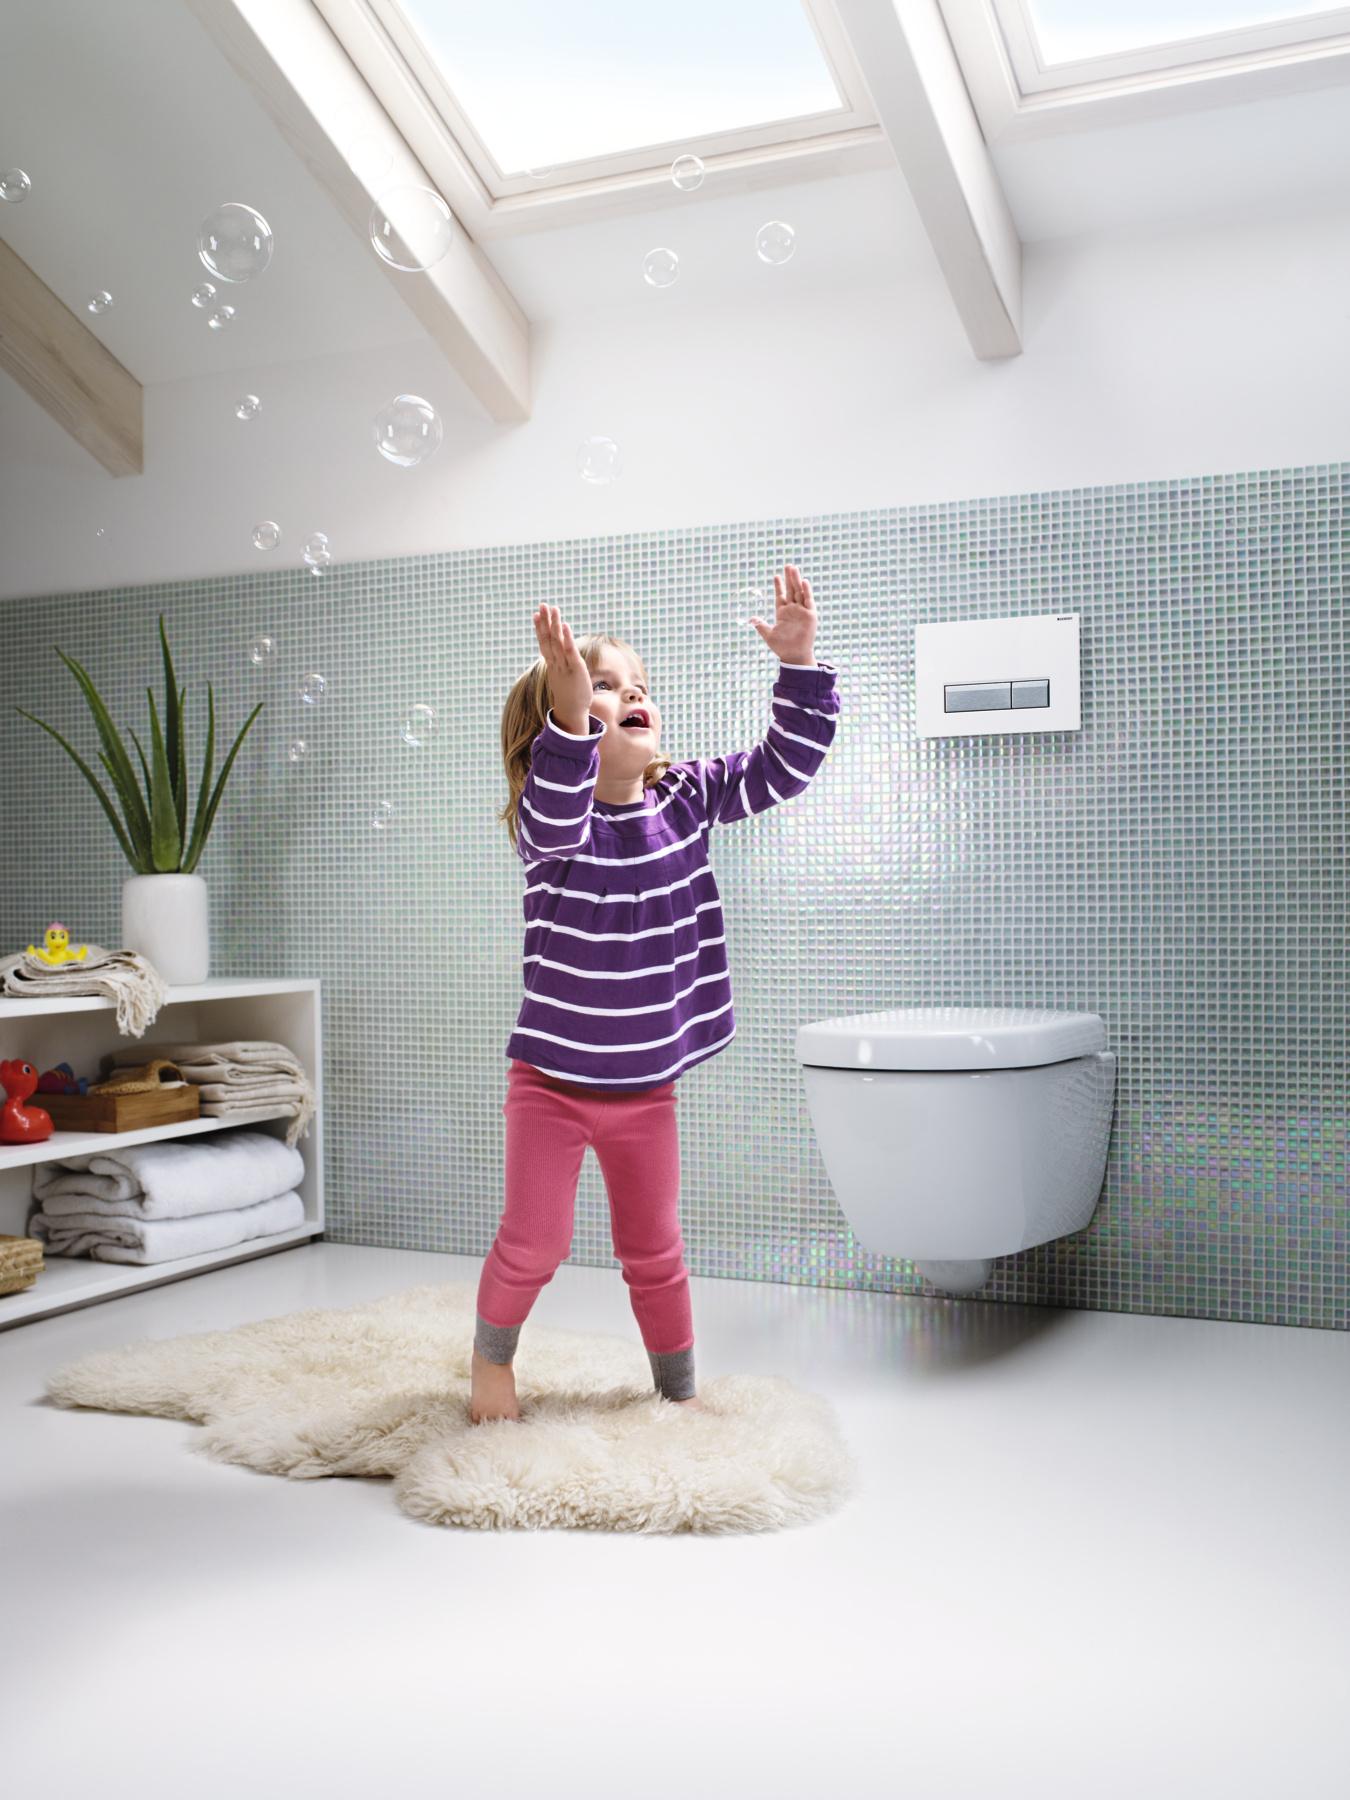 Met Geberit DuoFresh toiletsysteem hoeft stank op de wc niet meer te stinken.